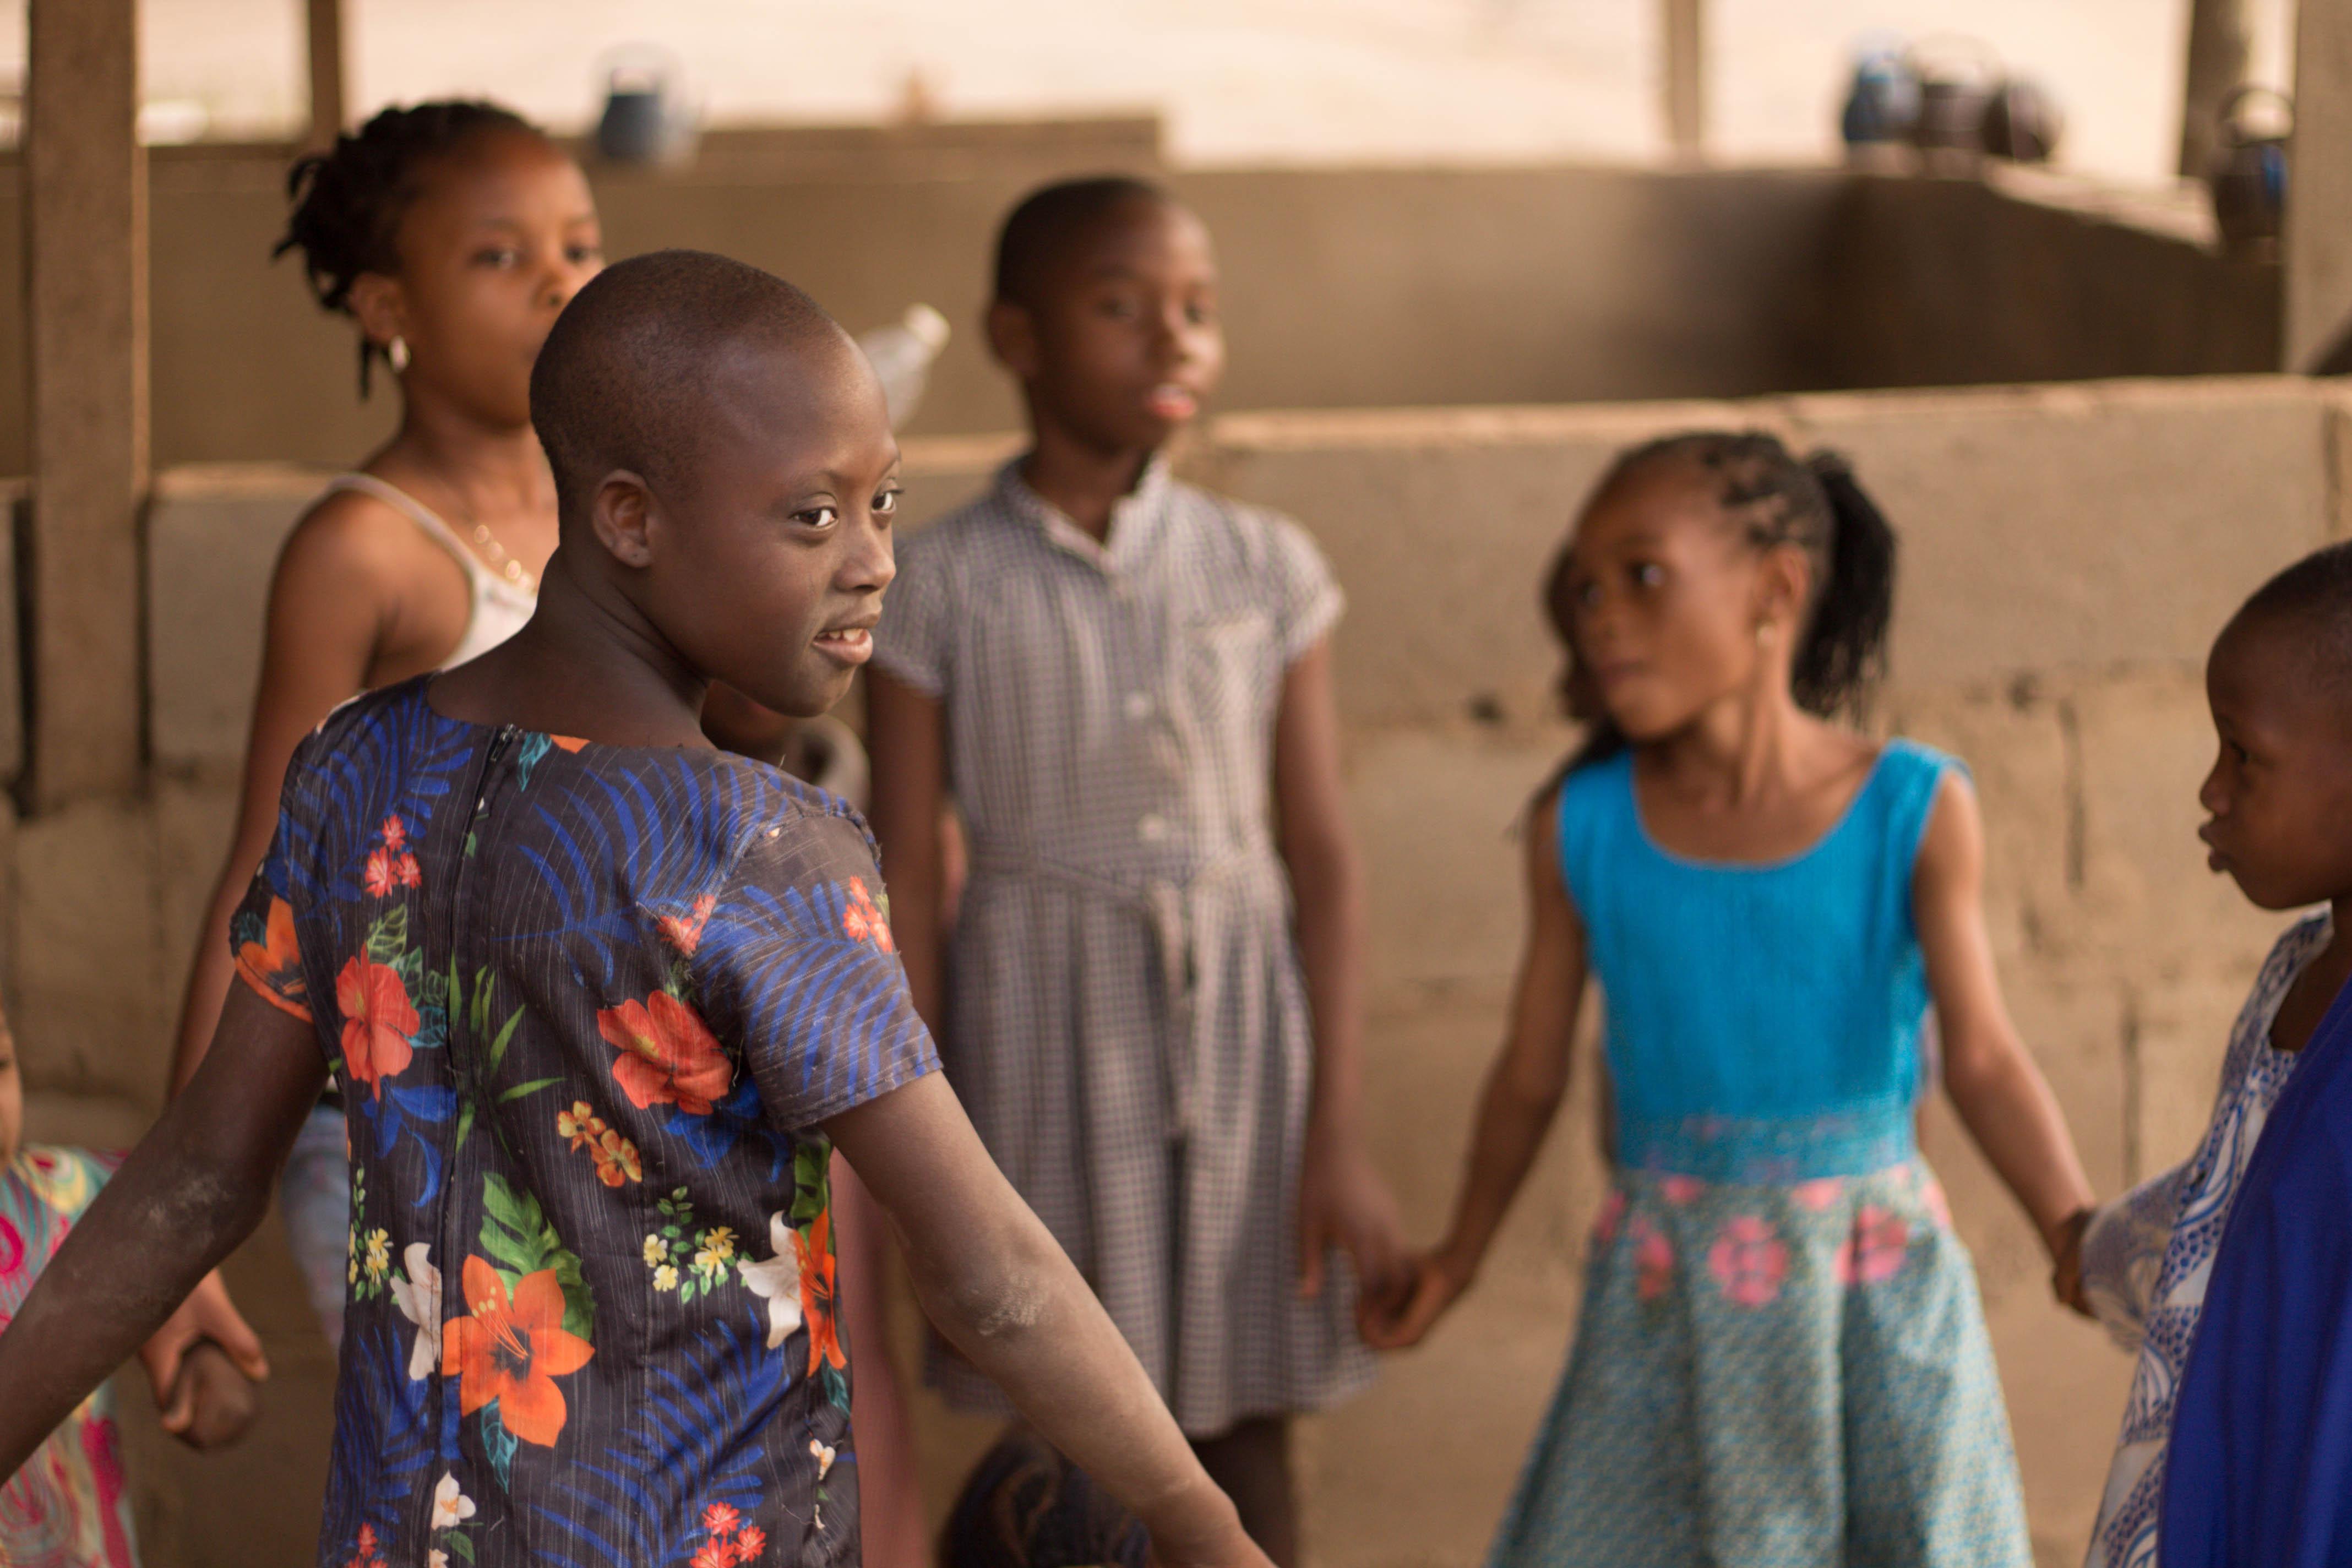 Niger conflict having worsening impact on children: report